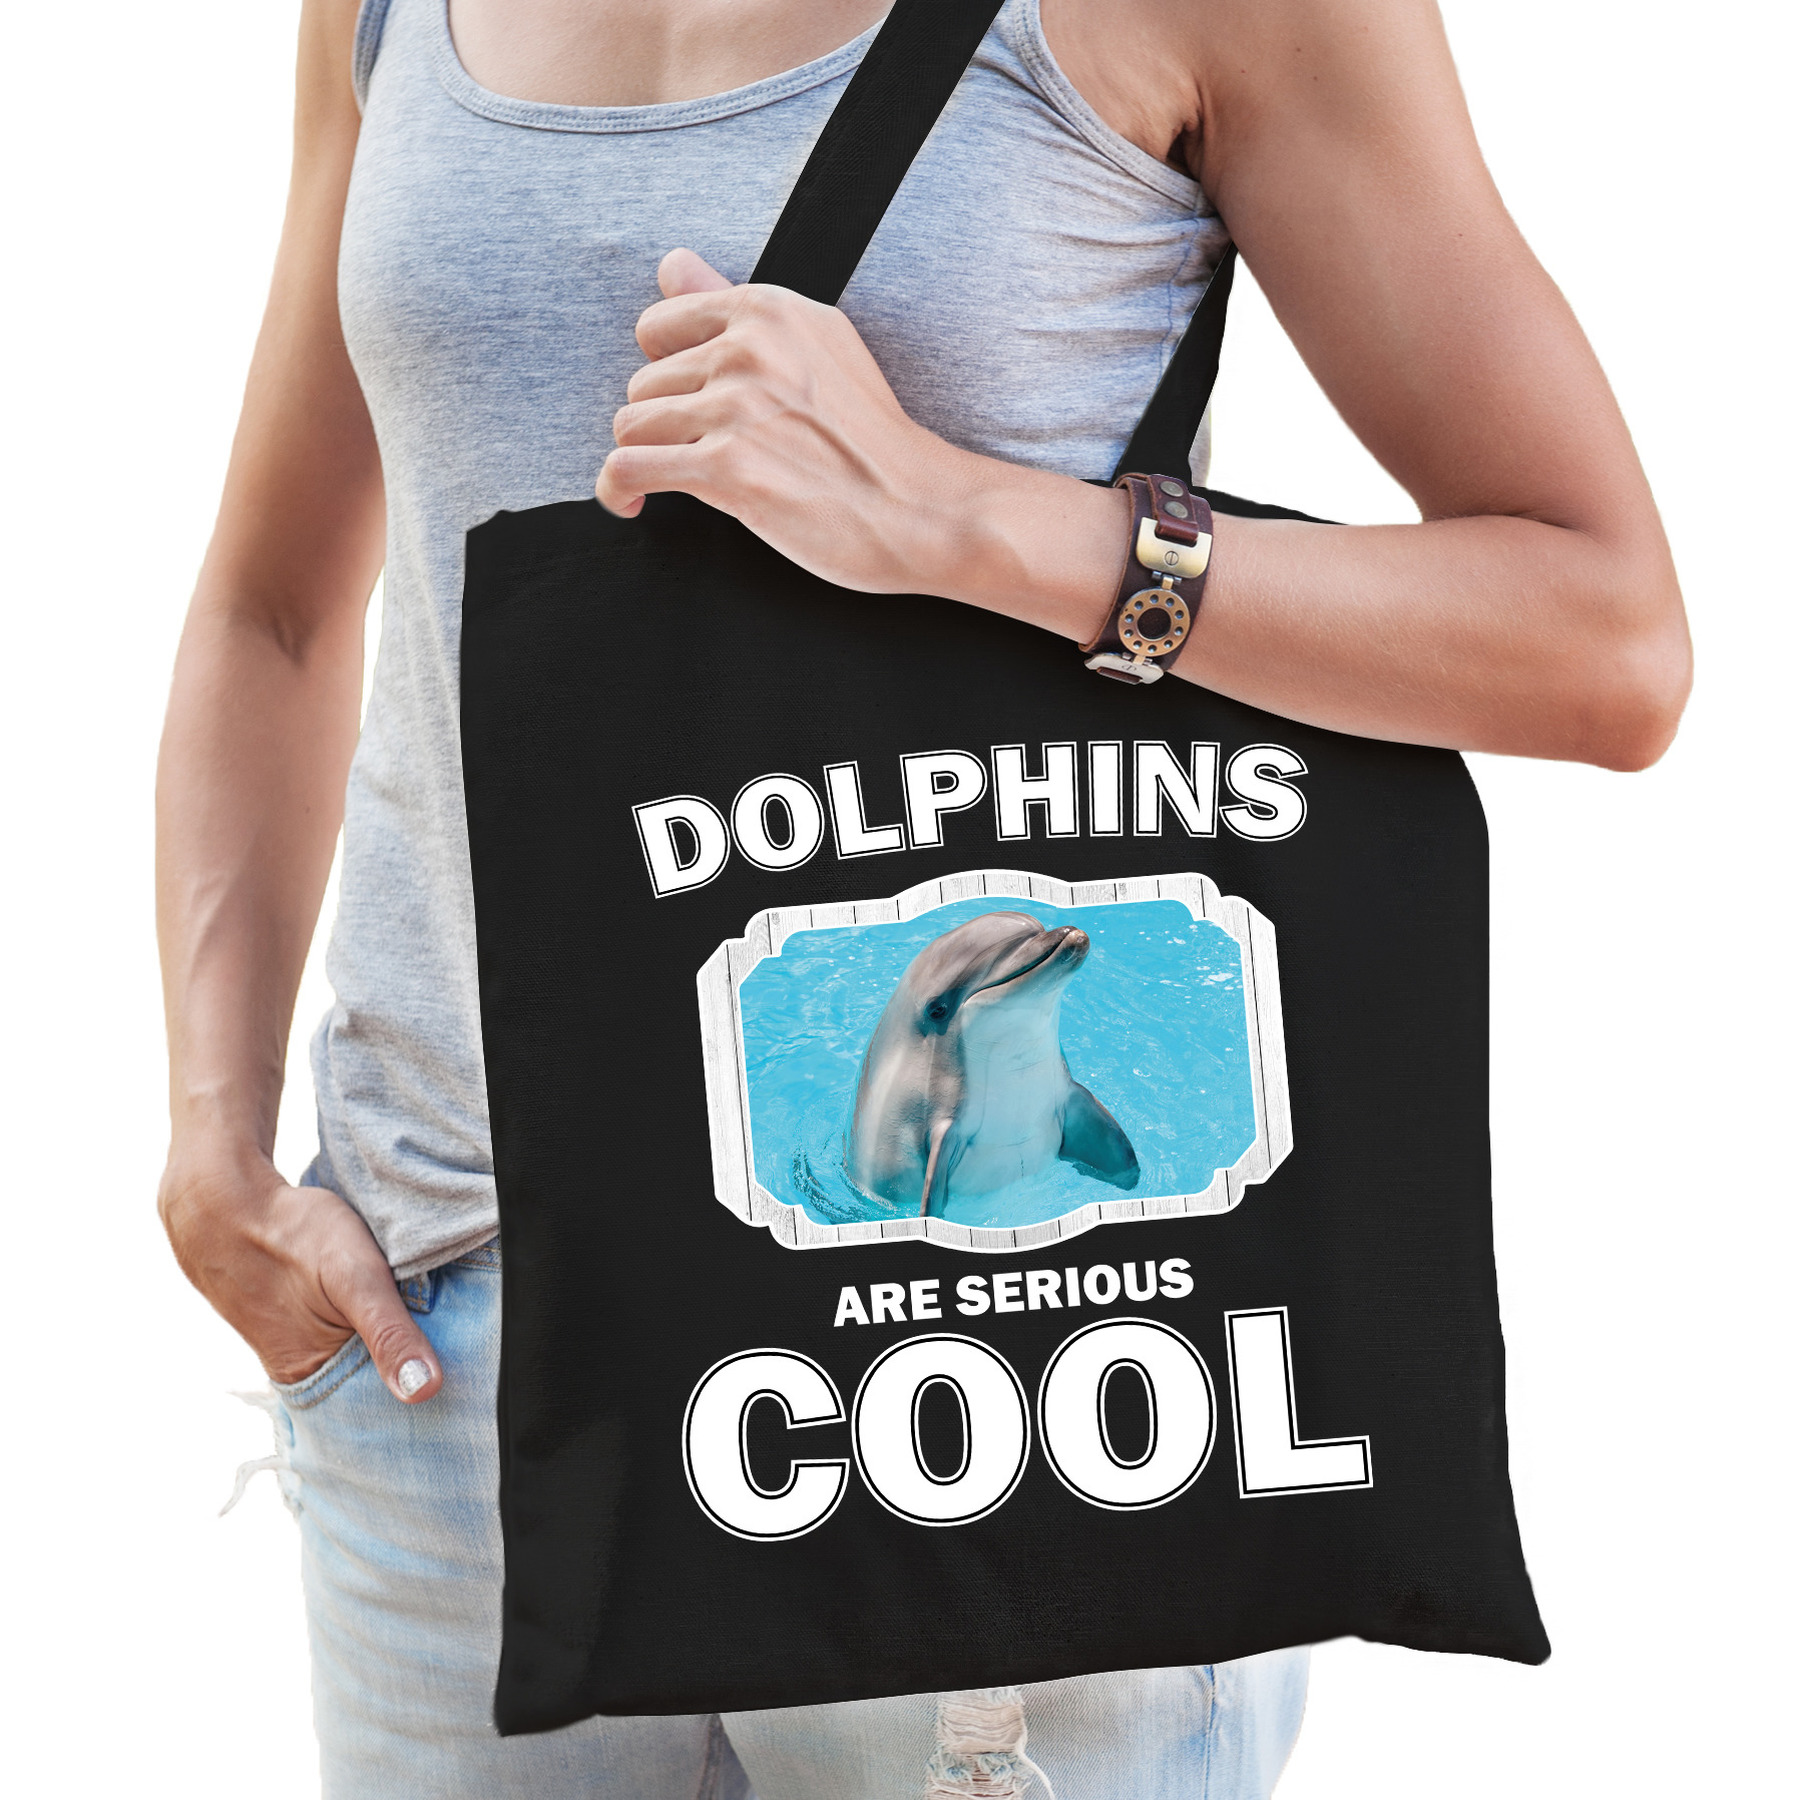 Katoenen tasje dolphins are serious cool zwart - dolfijnen/ dolfijn cadeau tas